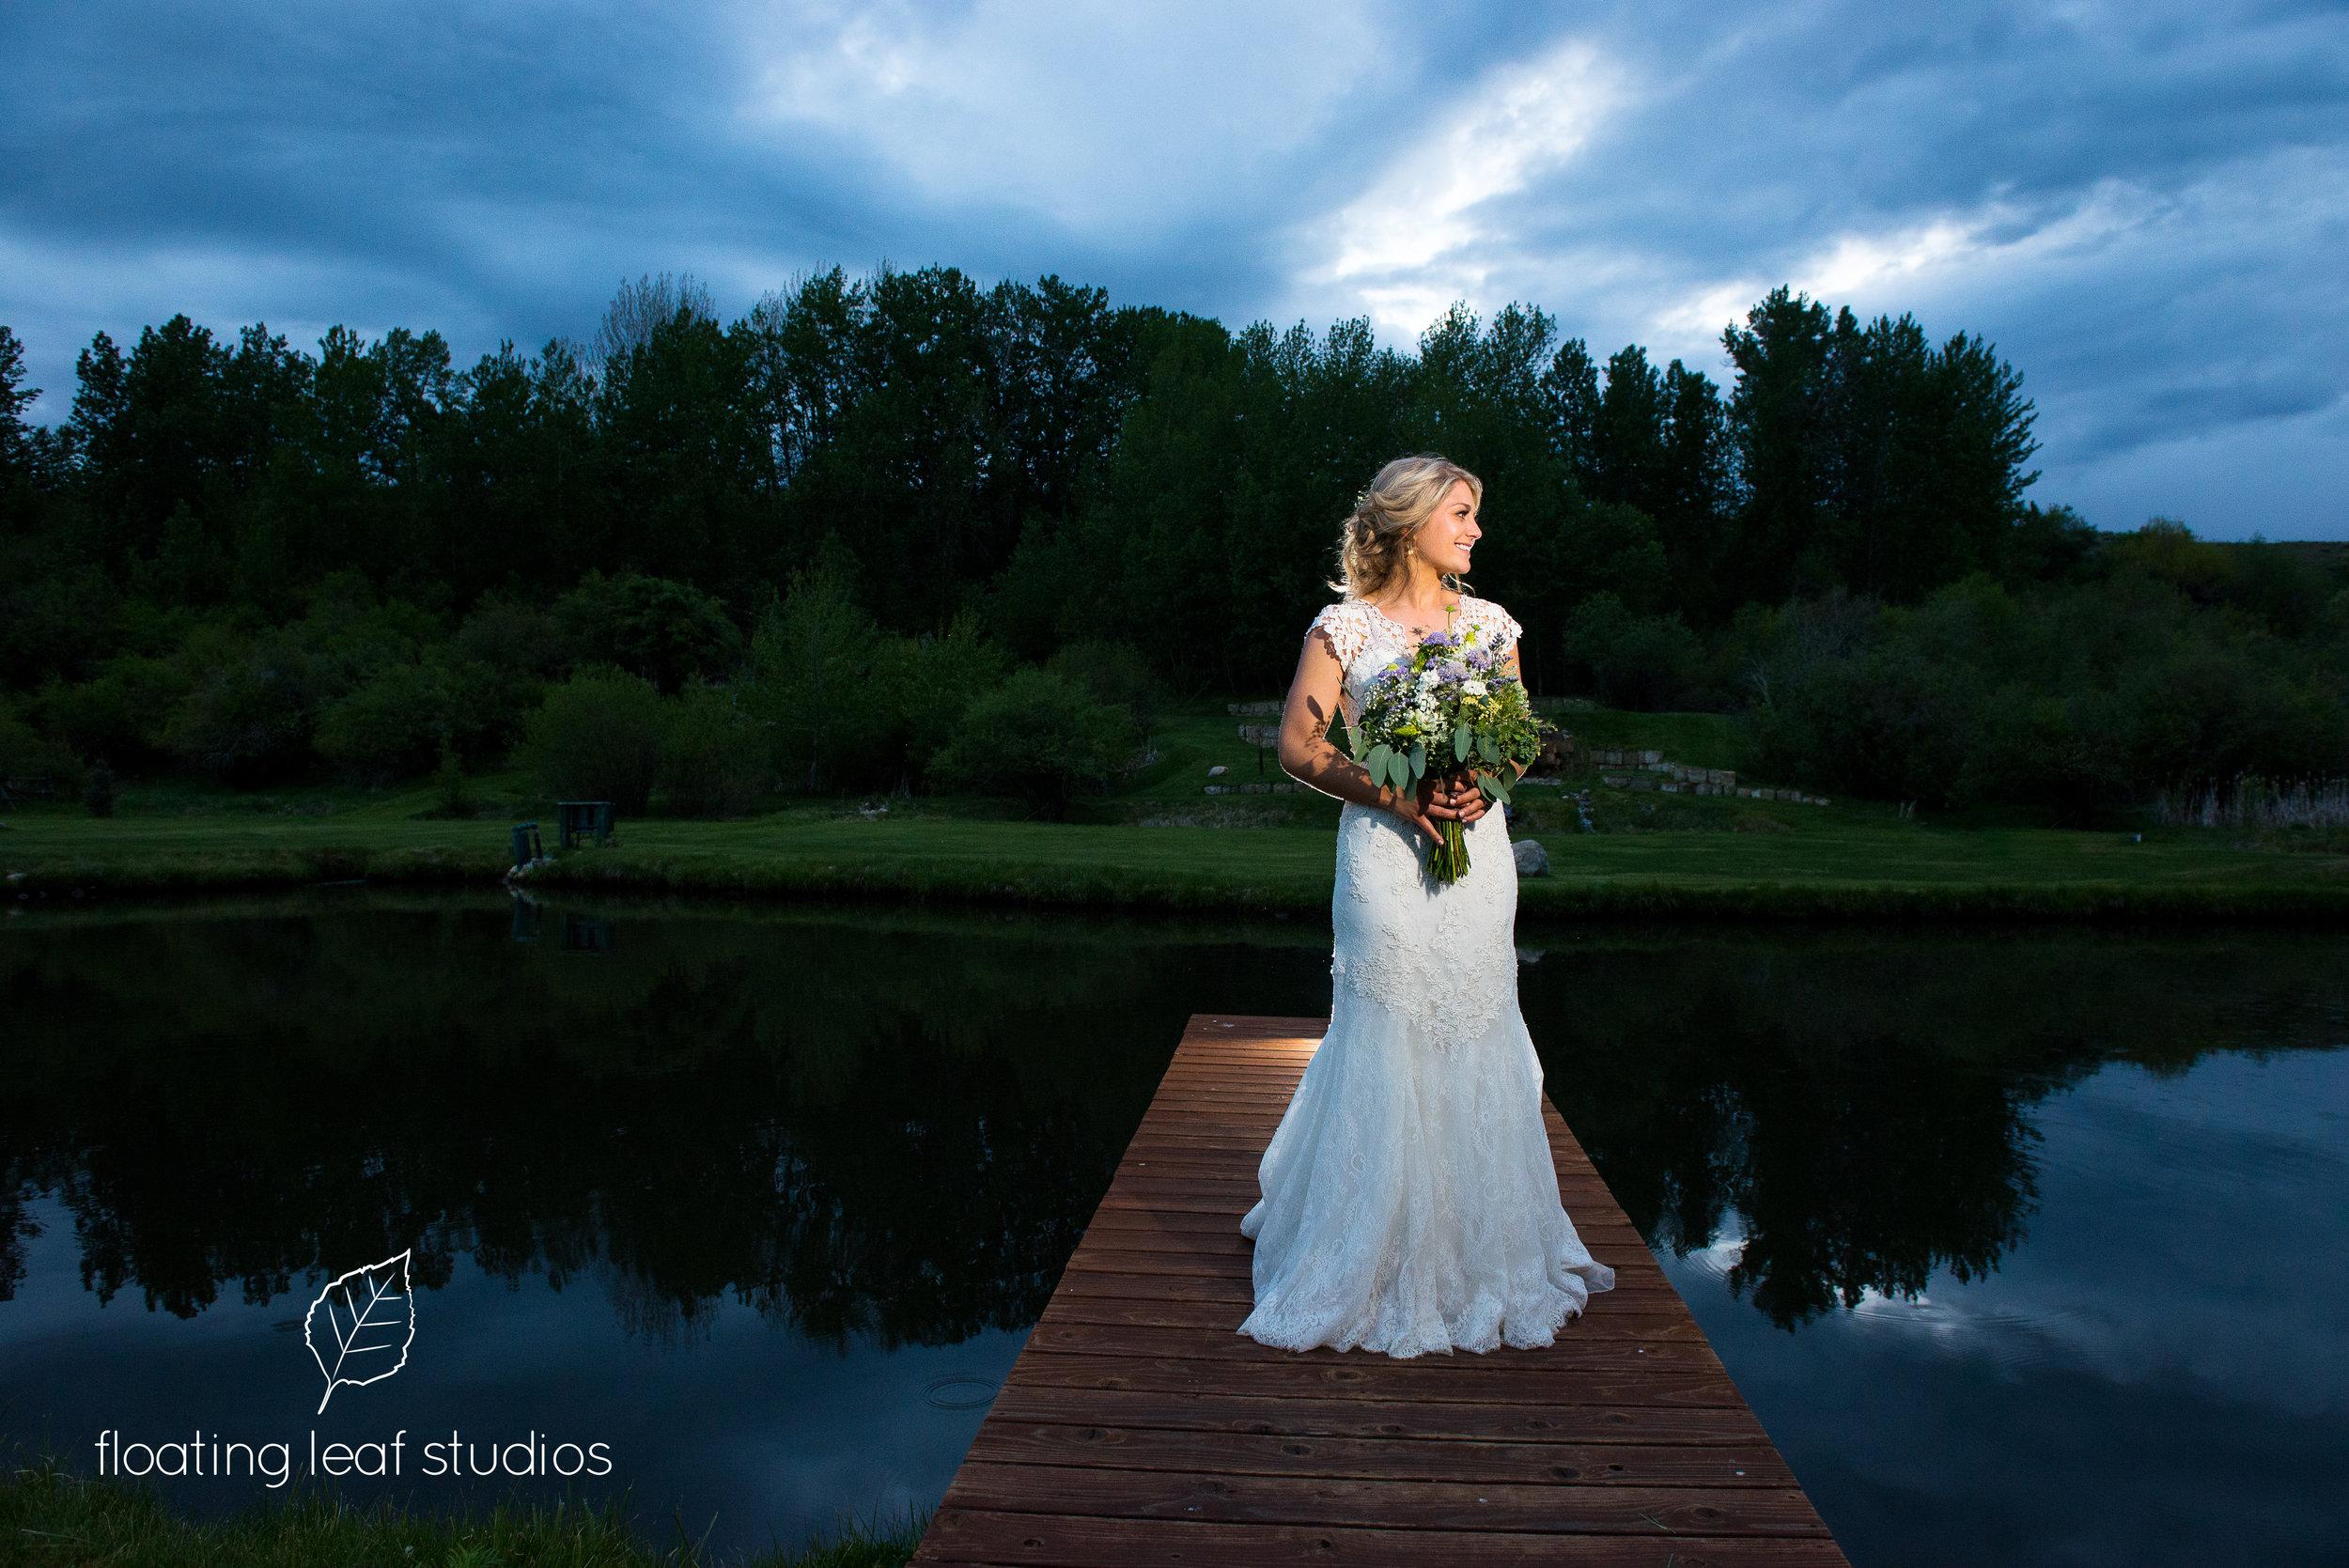 RockCreekFloral-Condon Wedding-60.jpg